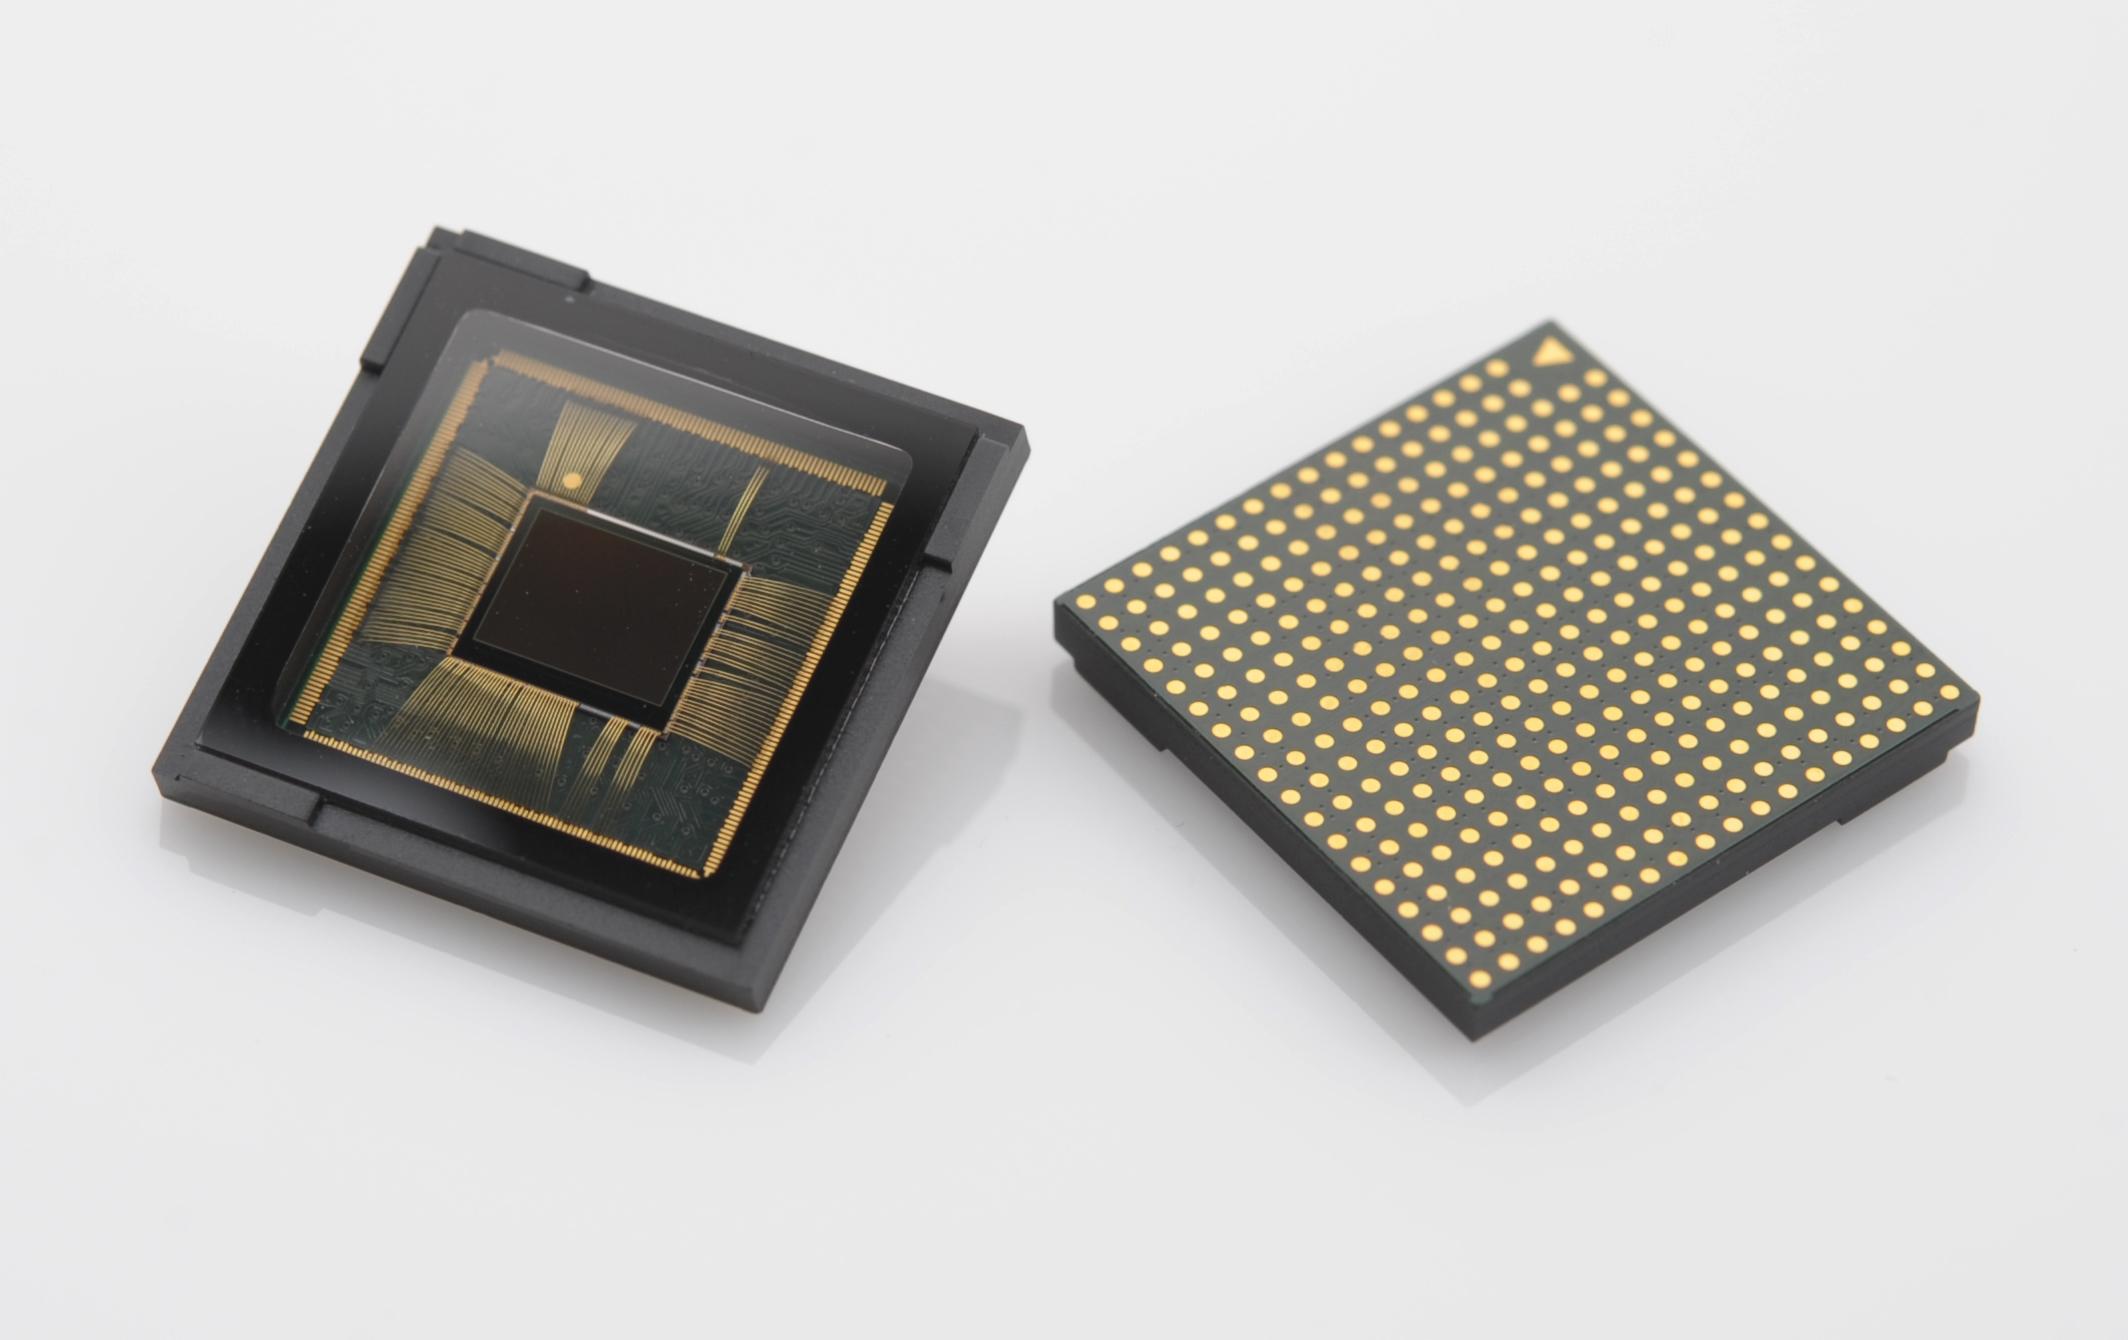 12MP Image Sensor